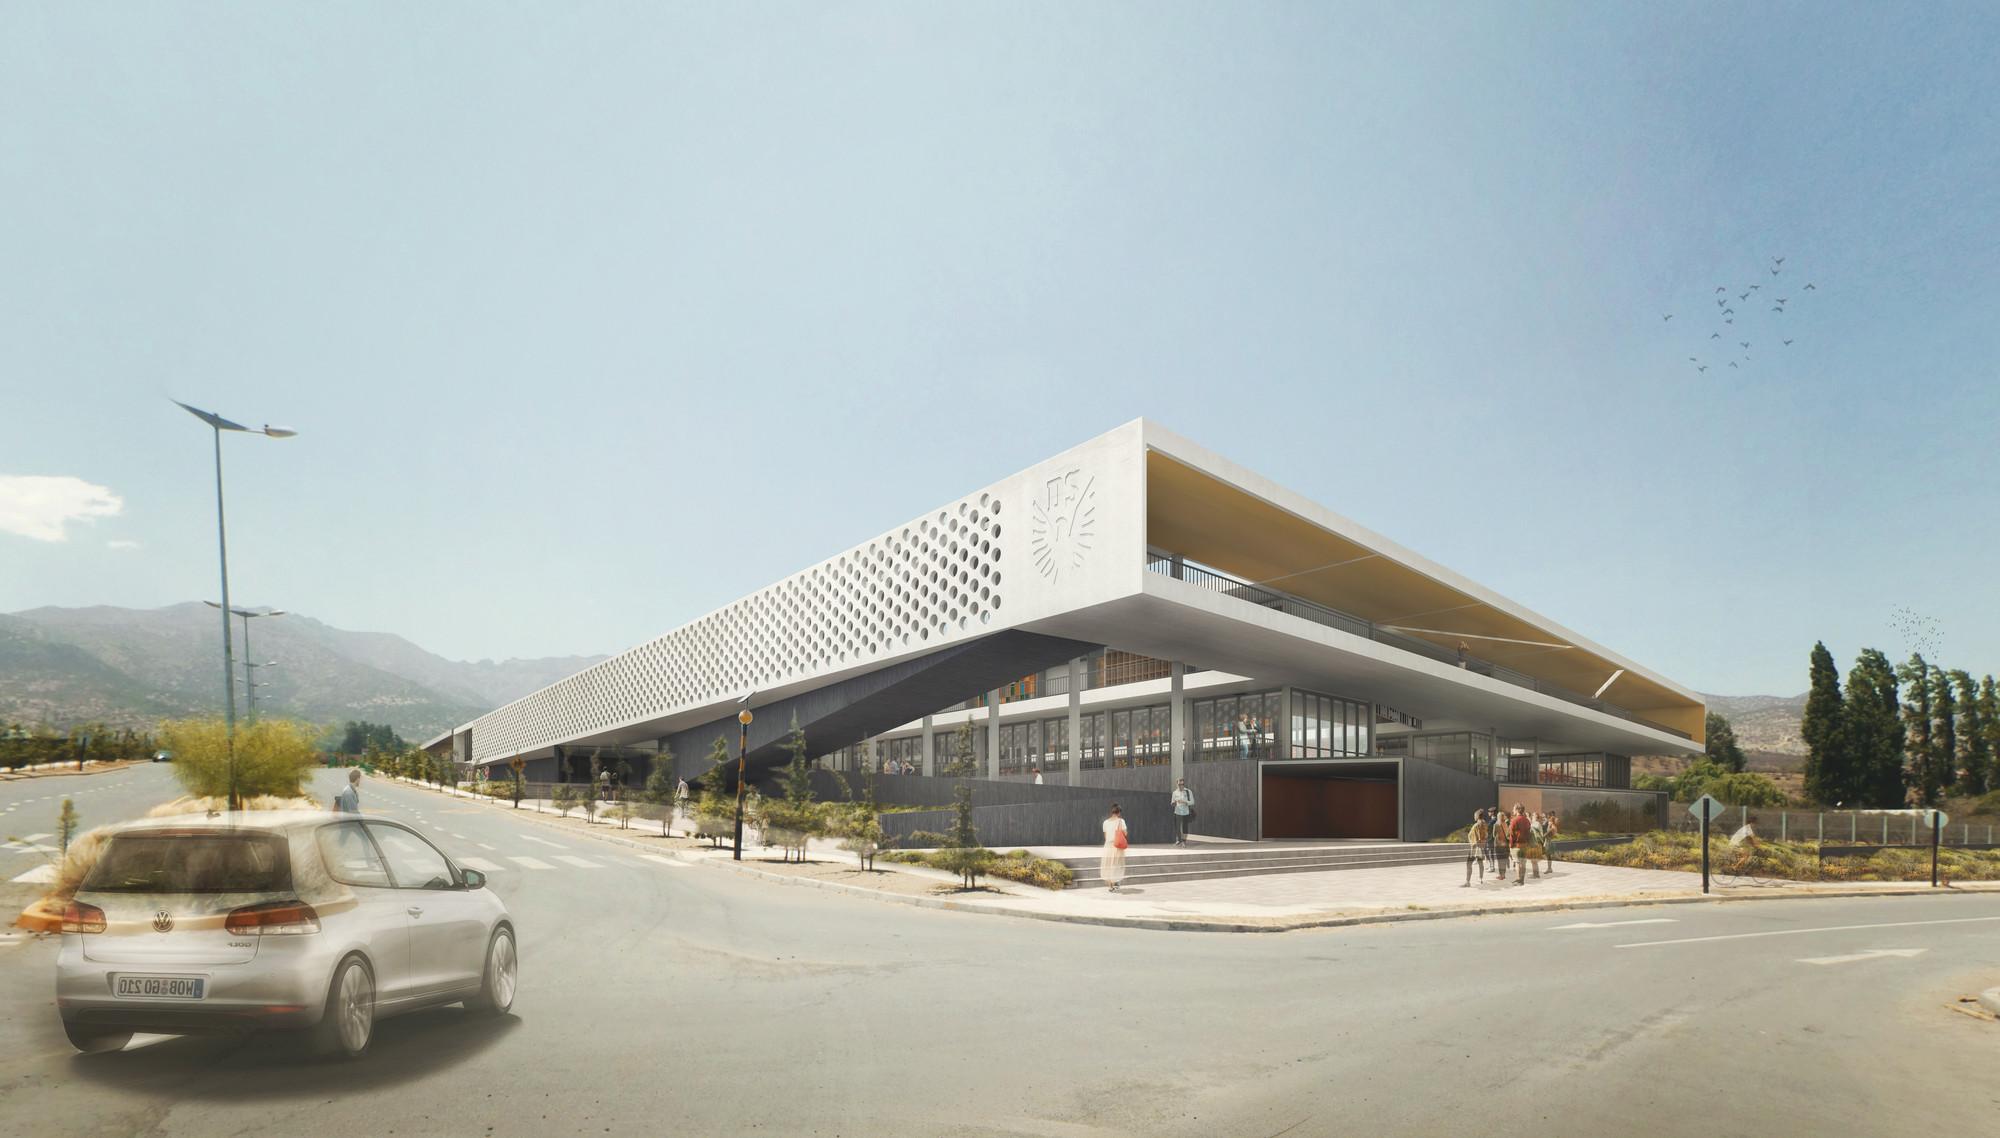 Segundo Lugar Concurso Liceo Alemán de Chicureo: MasFernandez Arquitectos + Felipe Fuentes, Courtesy of MasFernandez Arquitectos